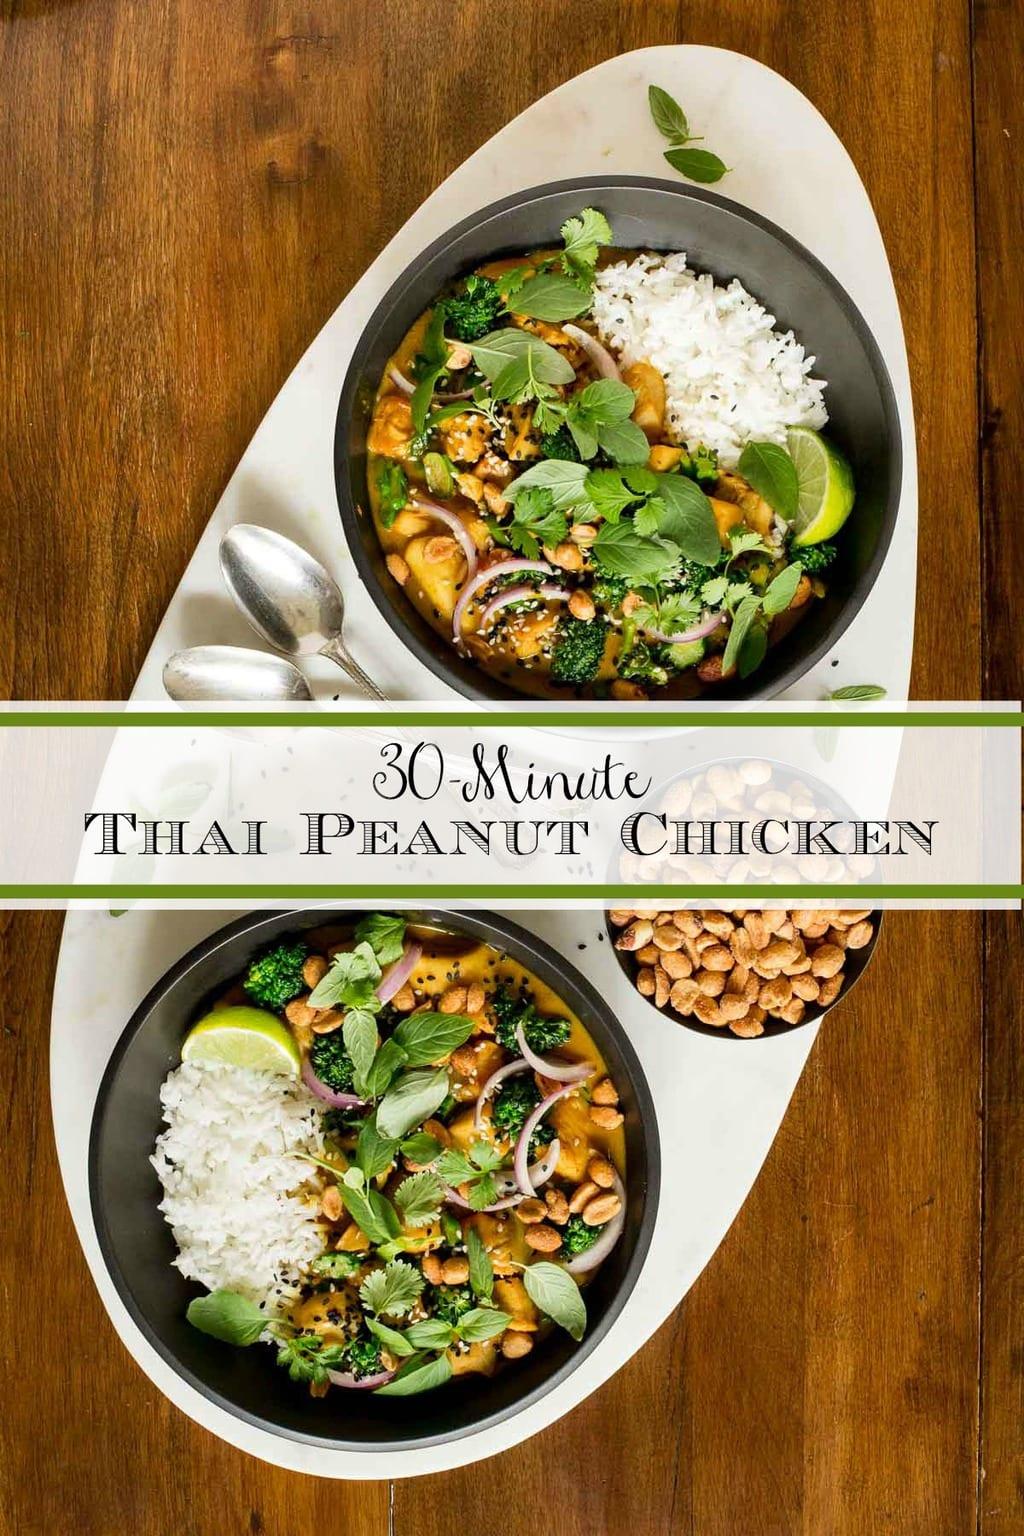 30-Minute Thai Peanut Chicken